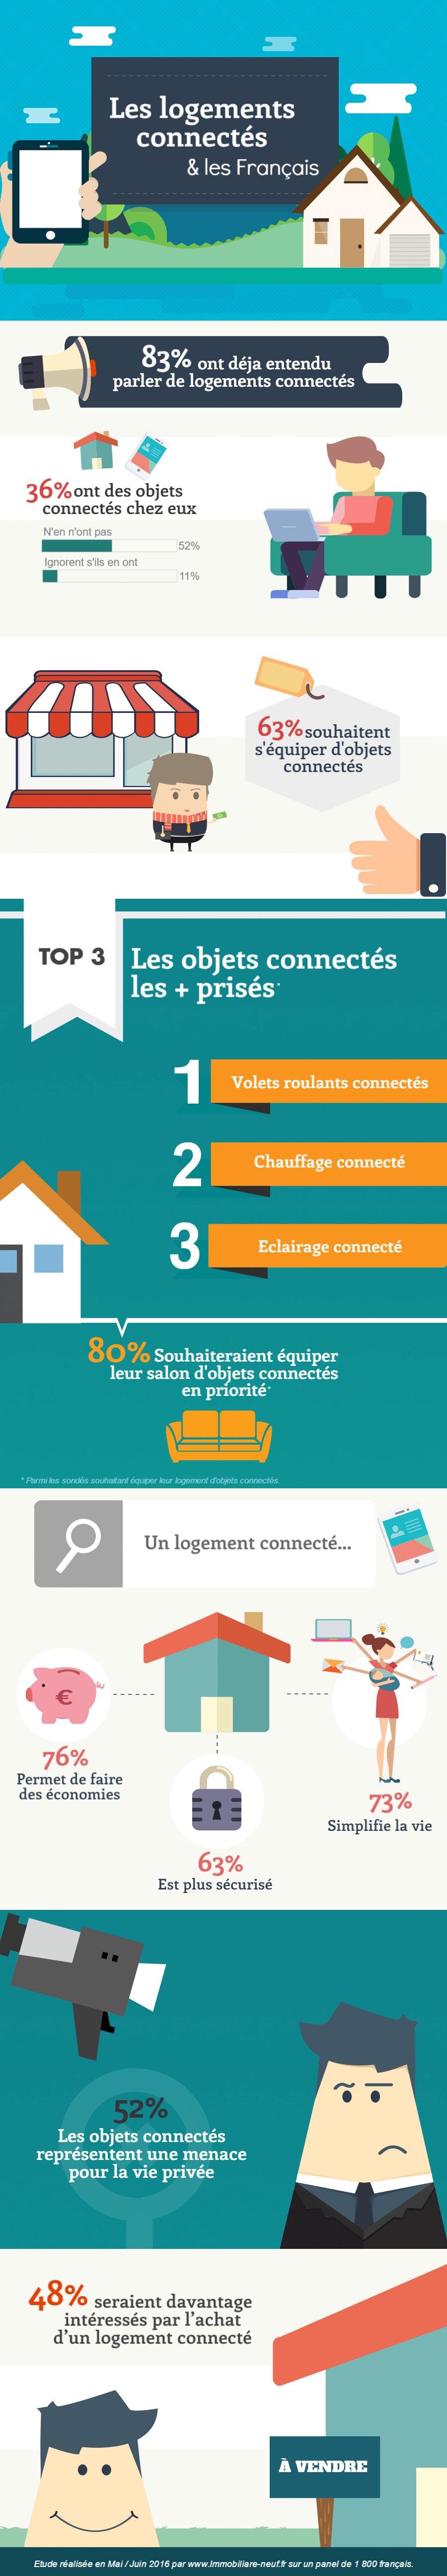 Infographie sur les logements connectés